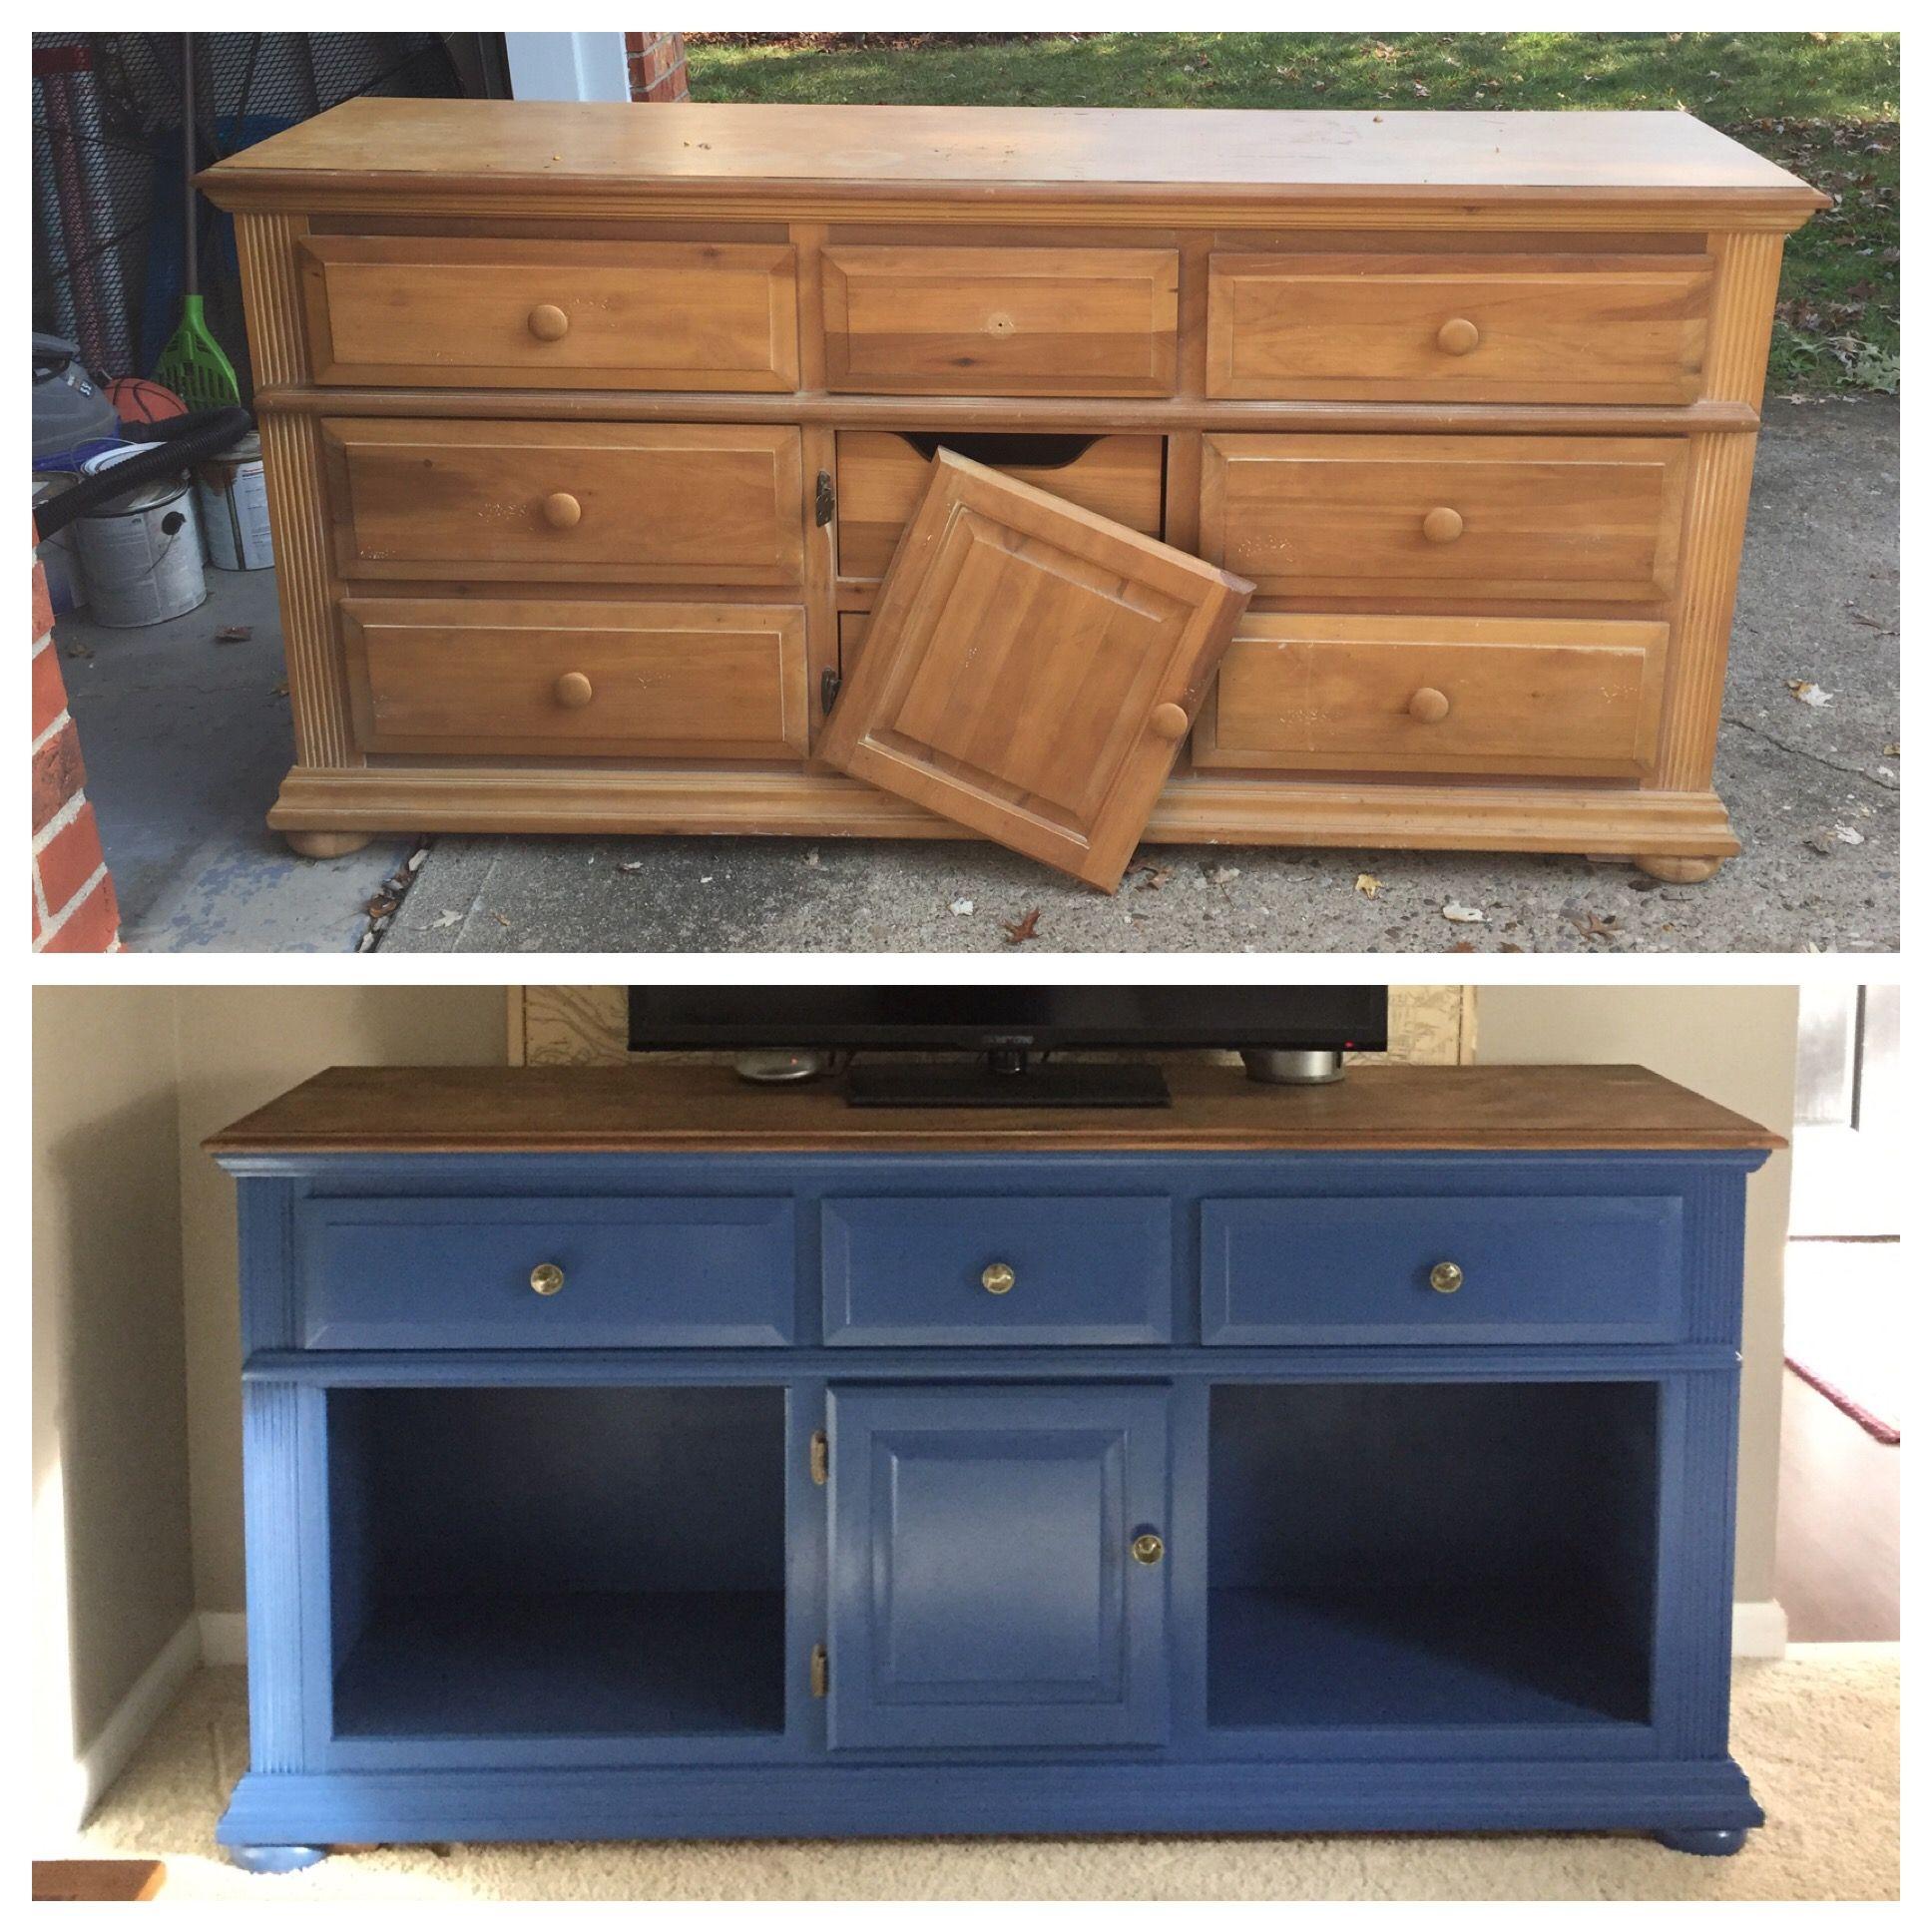 Dresser Transformation | Living room tv, Tv stands and Dresser